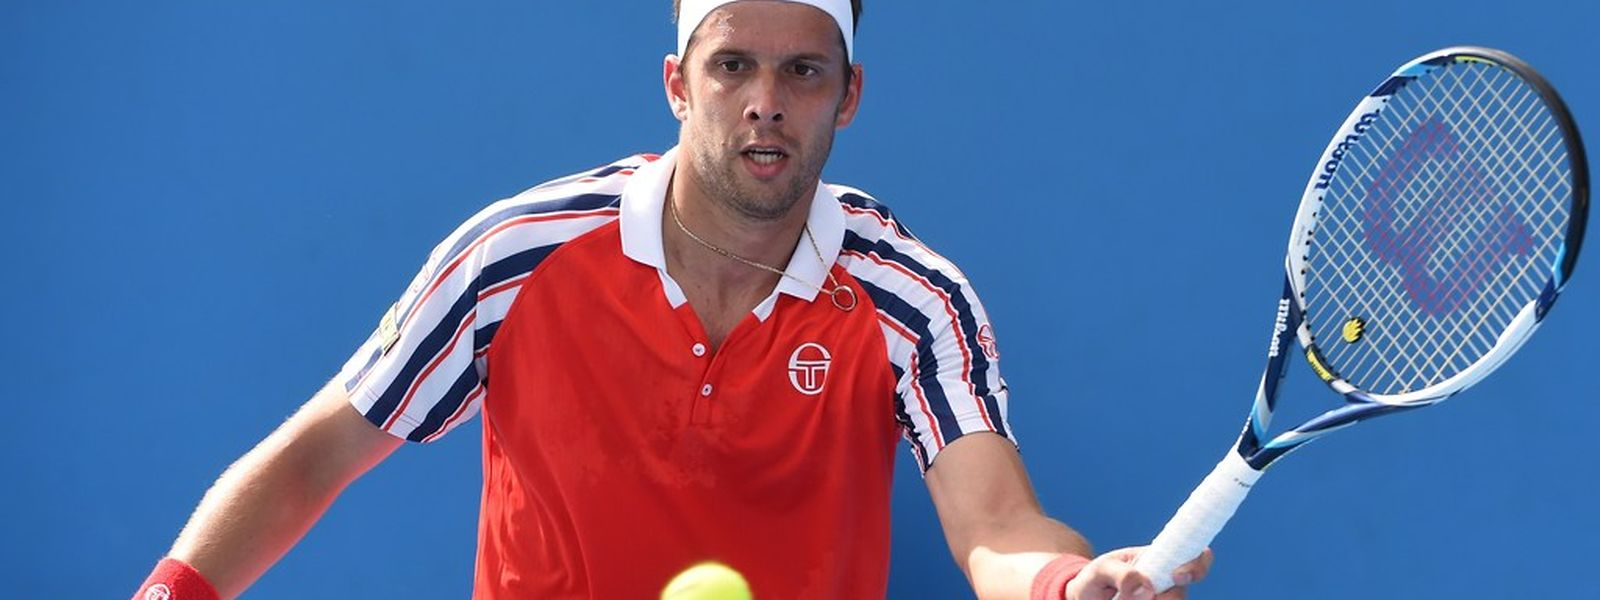 Malgré toute son abnégation, Gilles Muller n'a rien pu faire face au n°3 mondial, Andy Murray, ce mardi à Dubaï